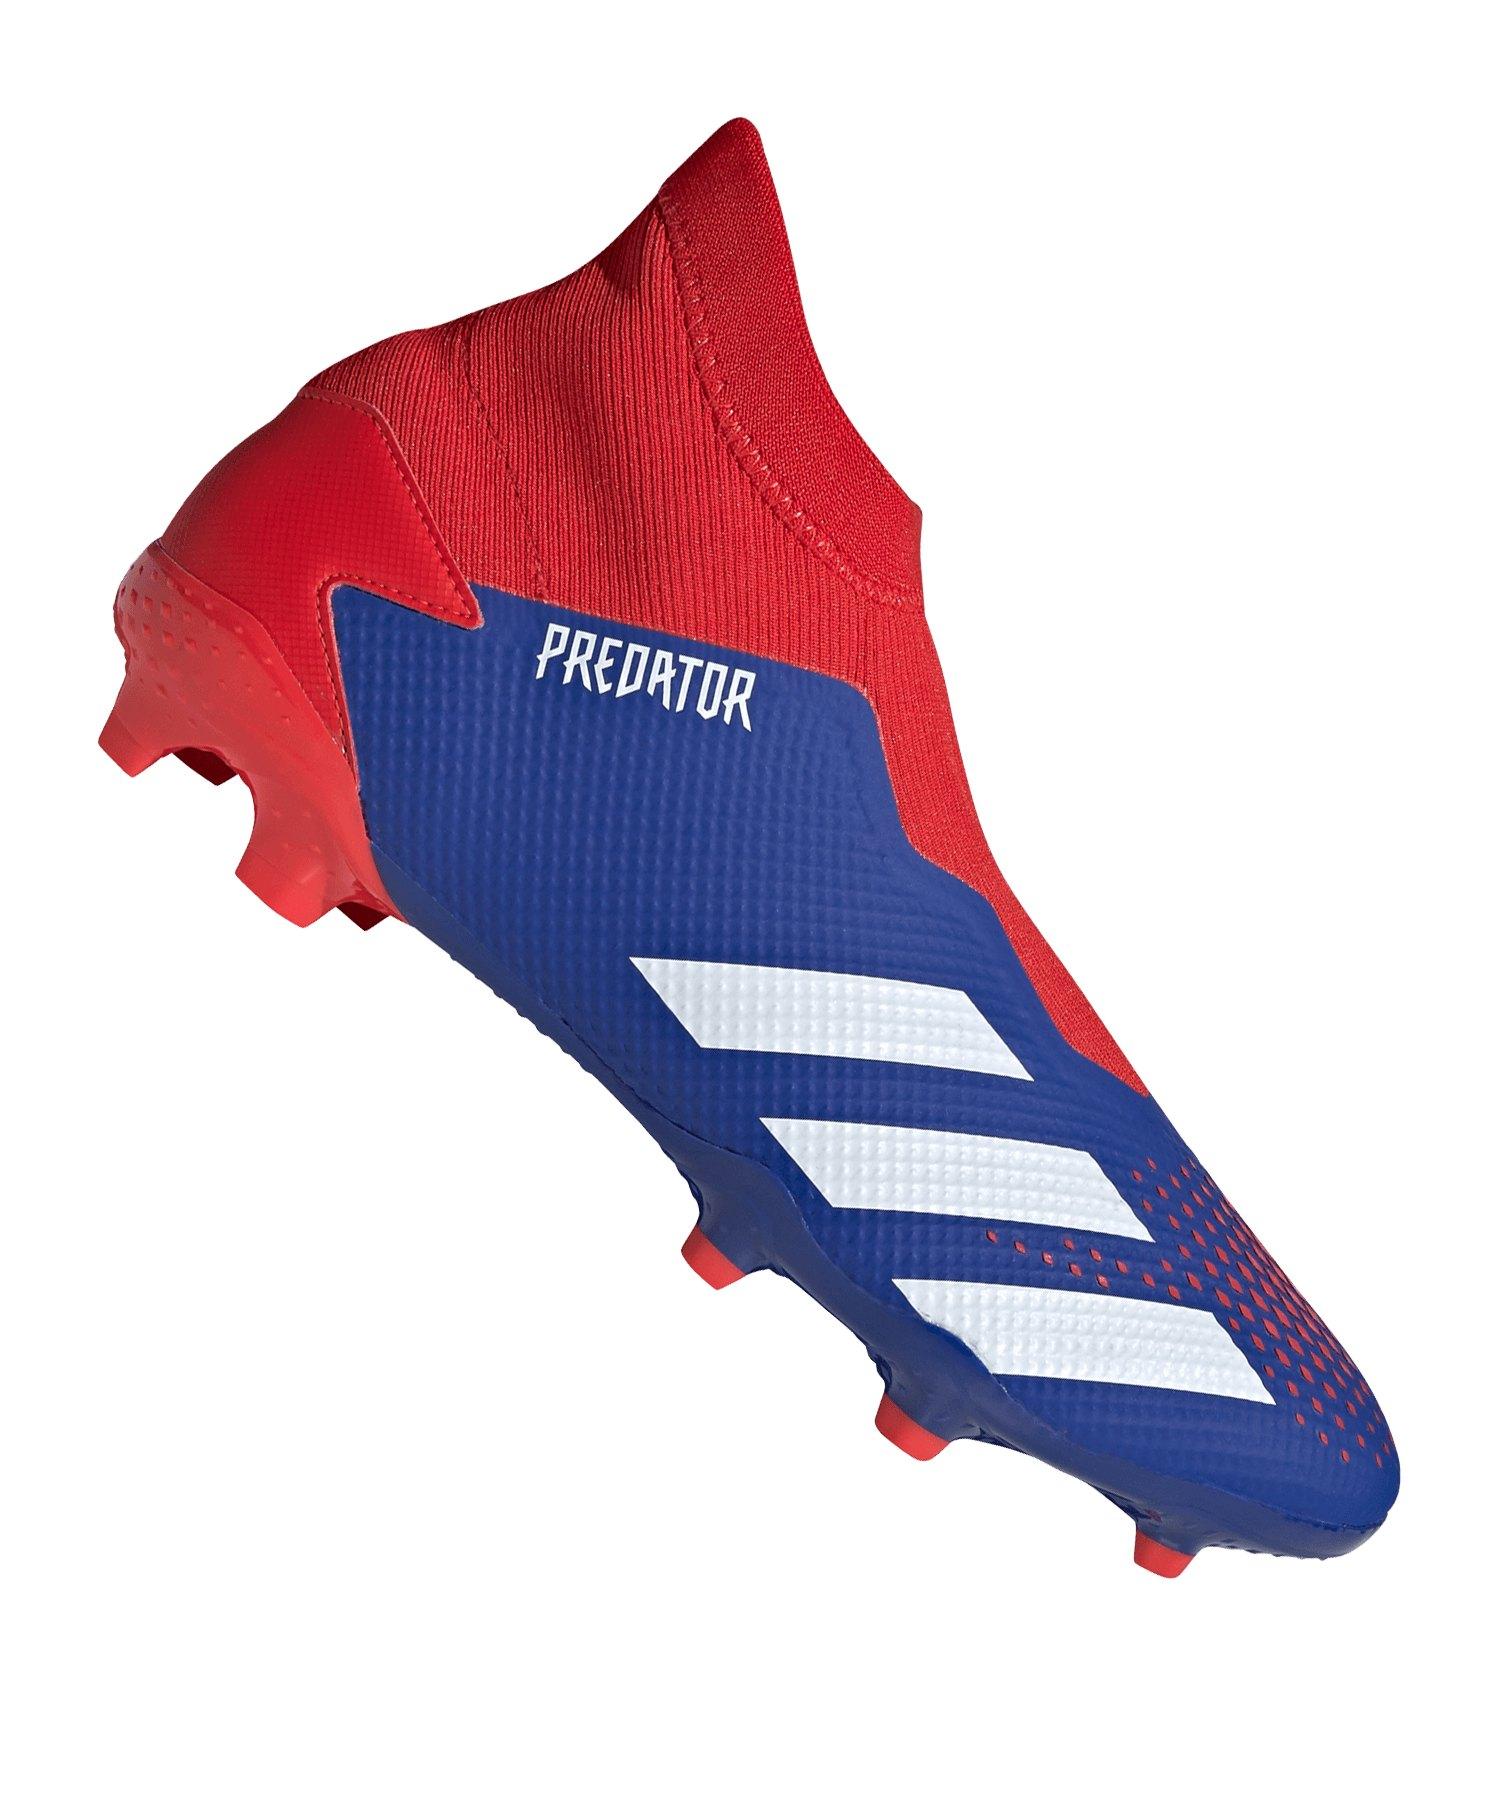 adidas Predator 20.3 LL FG Blau Rot - blau